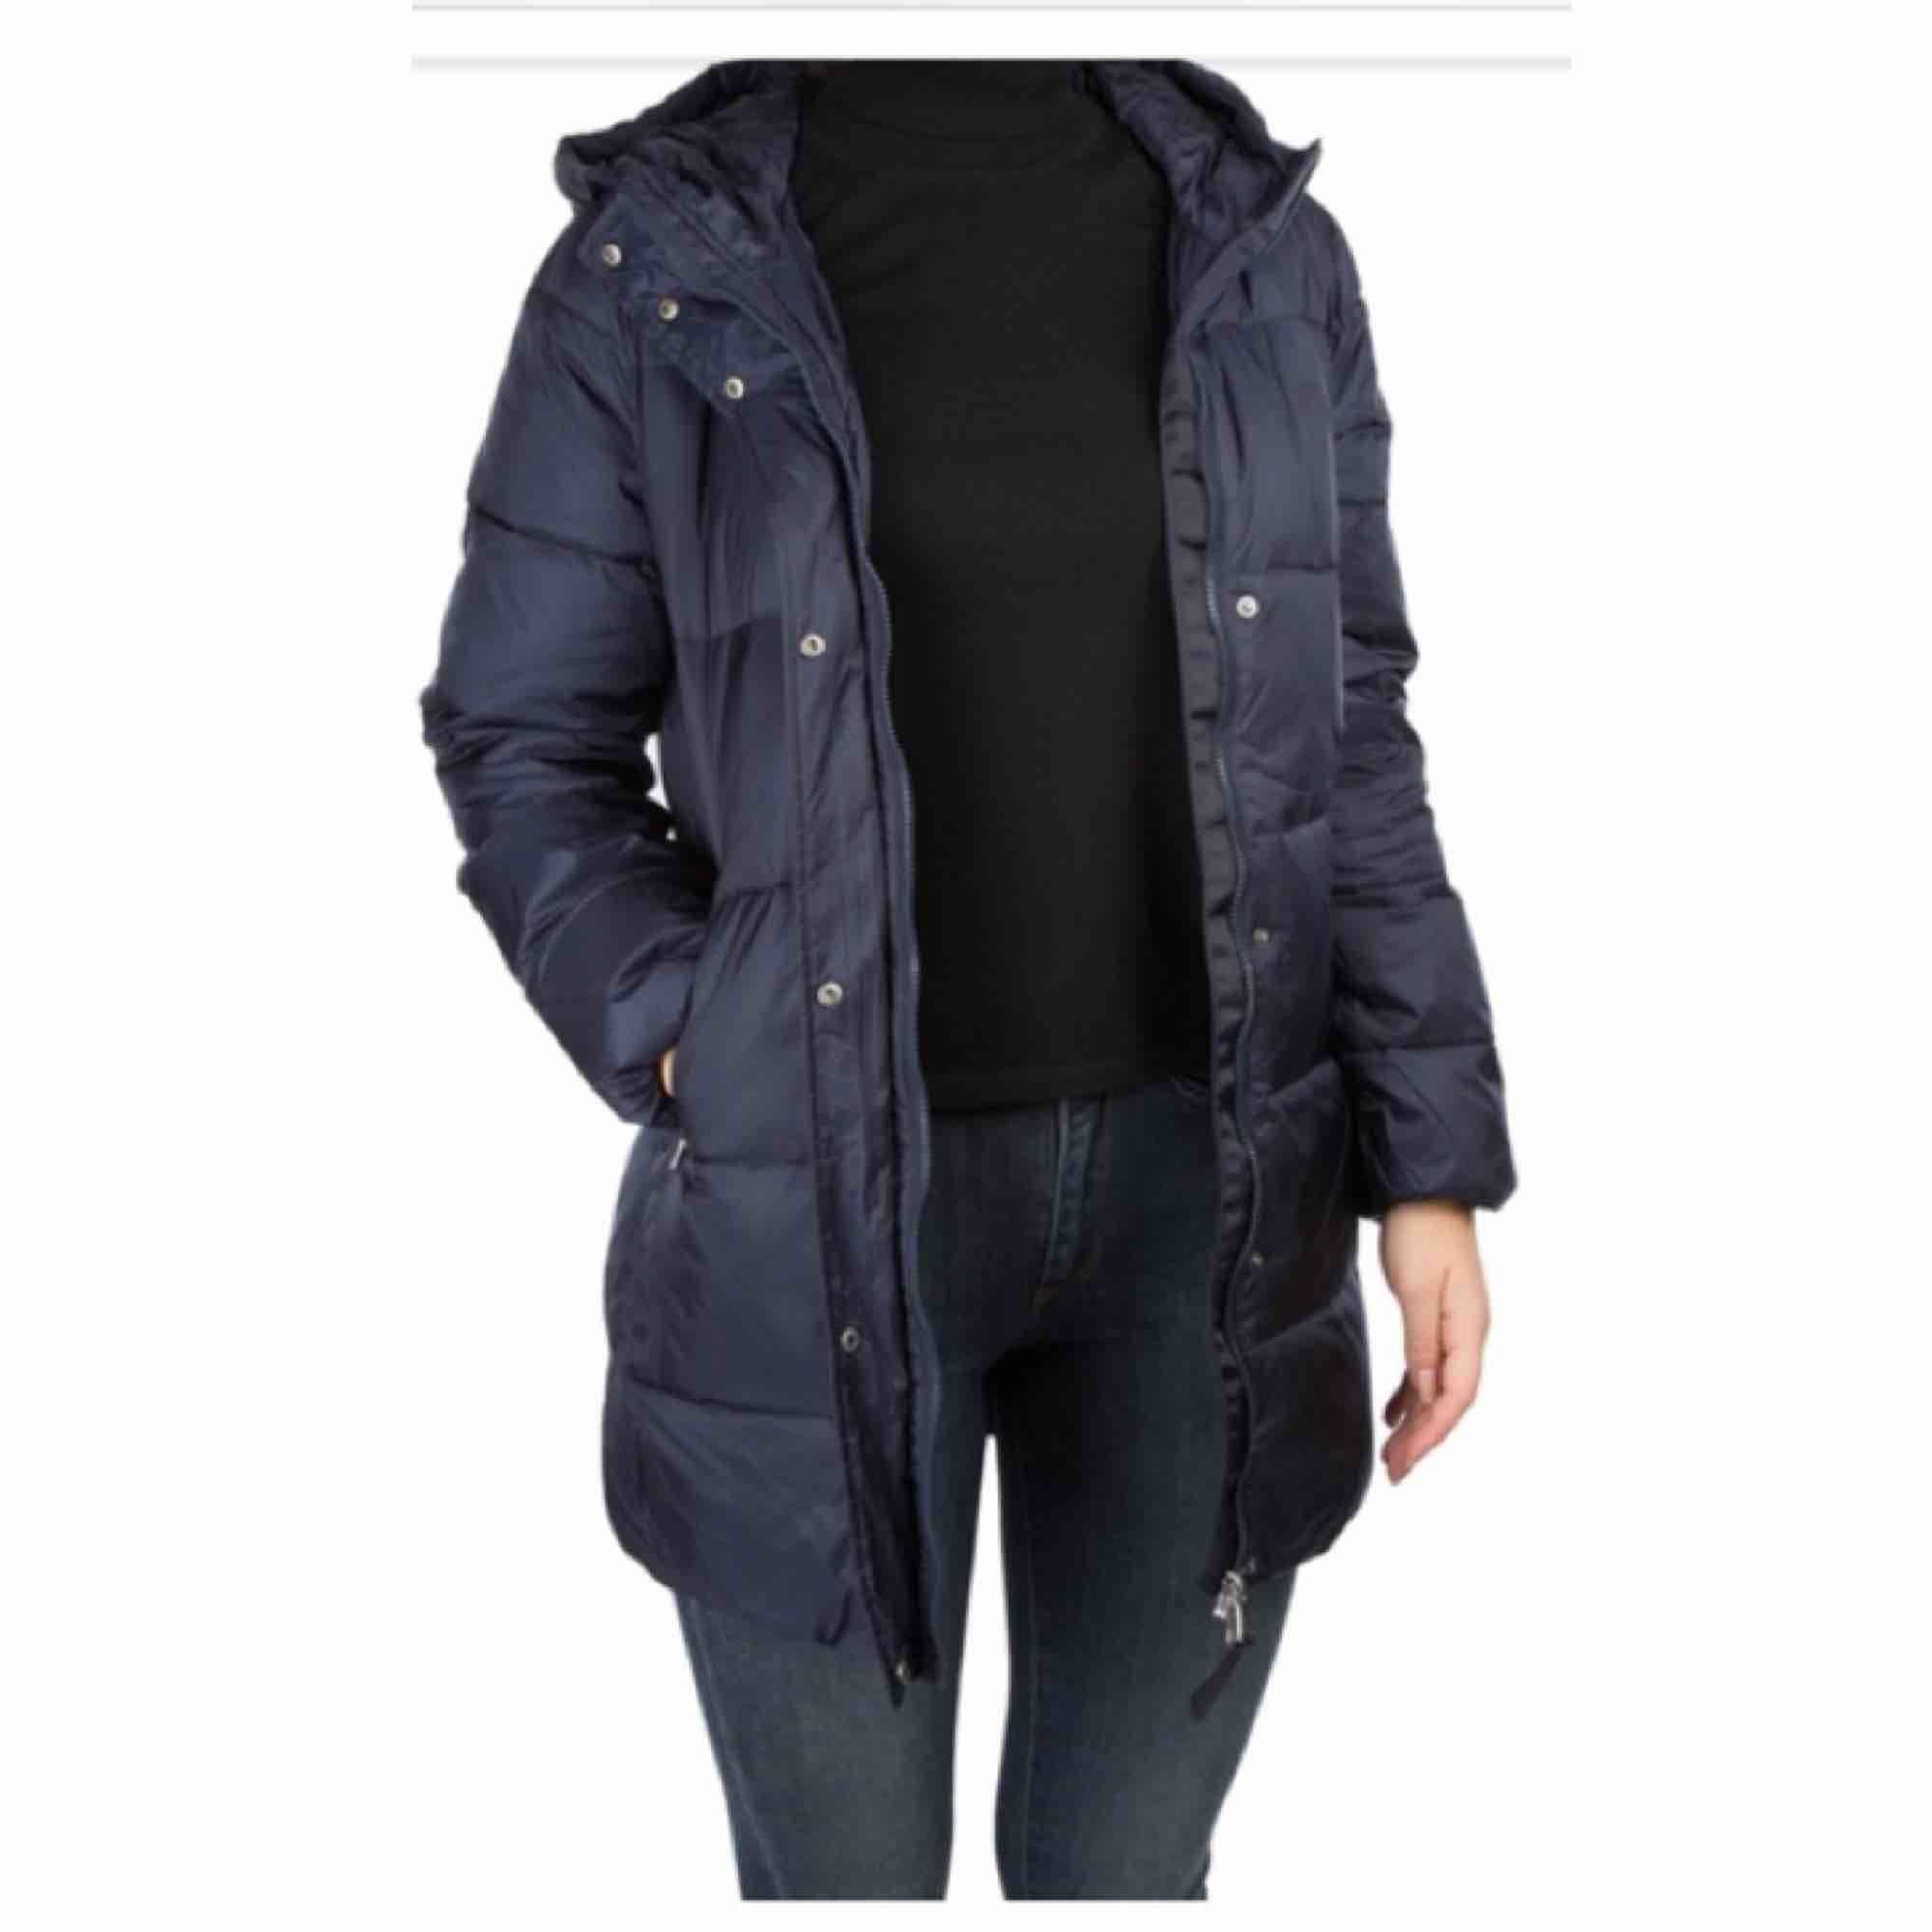 Gant vinterjacka i mörkblå färg. Använd några gånger, den är väldigt varm och passar perfekt nu till vintern. Finns snörningar i jackan så man kan göra den tightare vid midjan om man skulle vilja det.. Jackor.